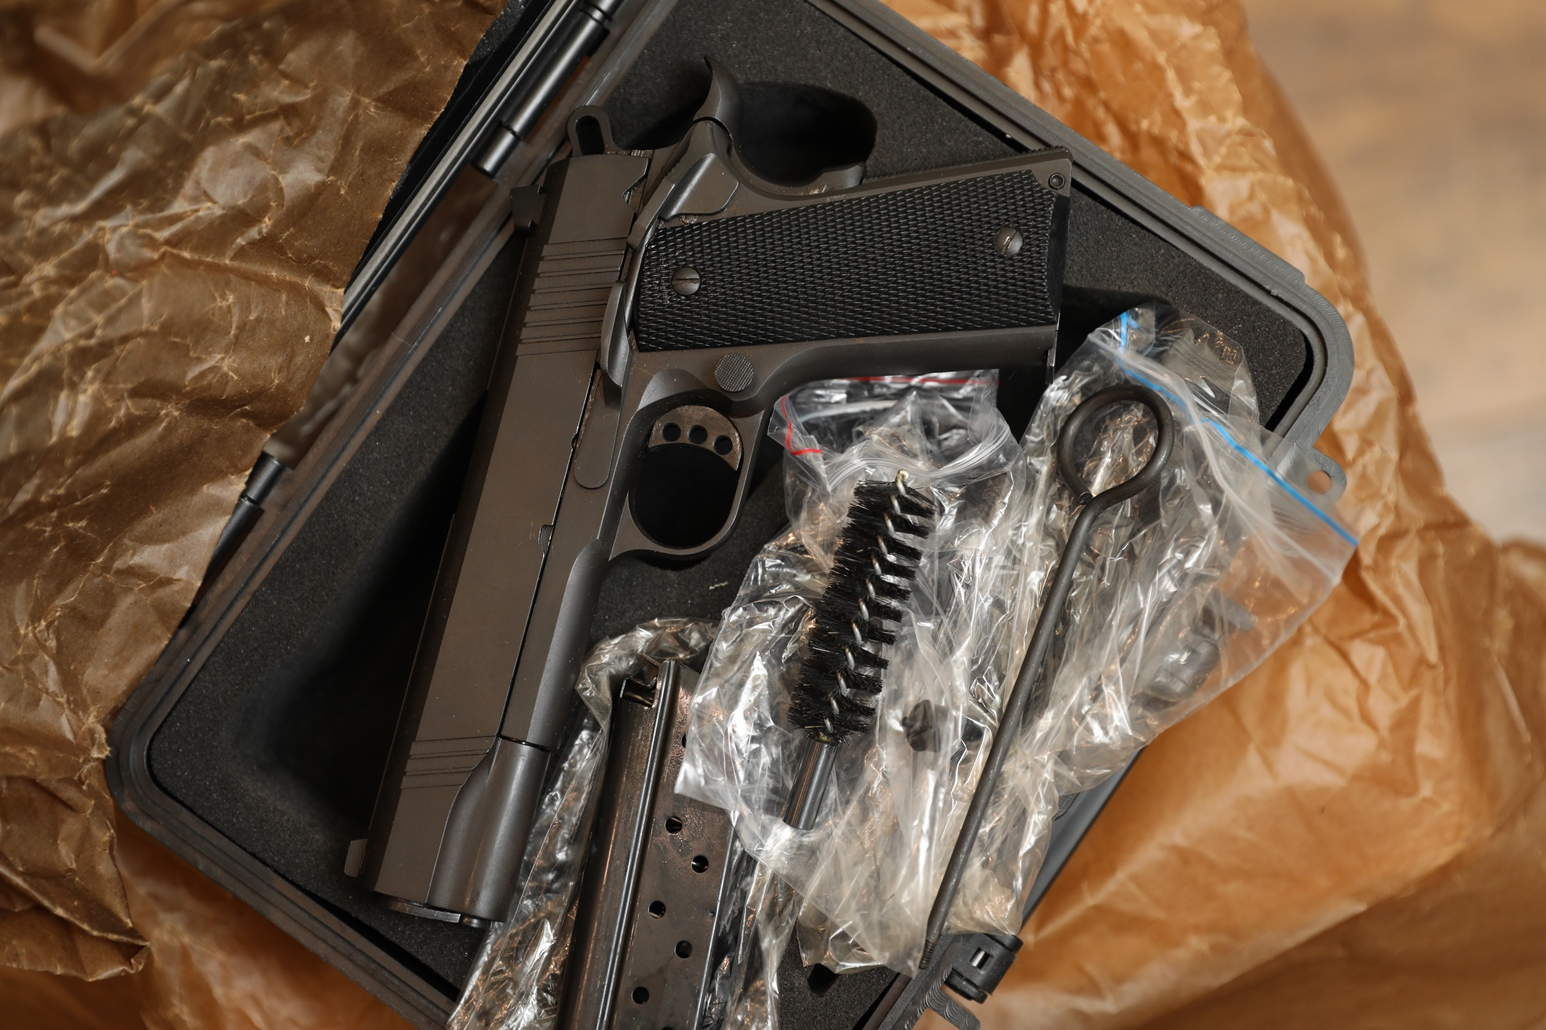 Фото Охолощенный пистолет Colt 1911 Norinco #18191038, ТЕХКРИМ